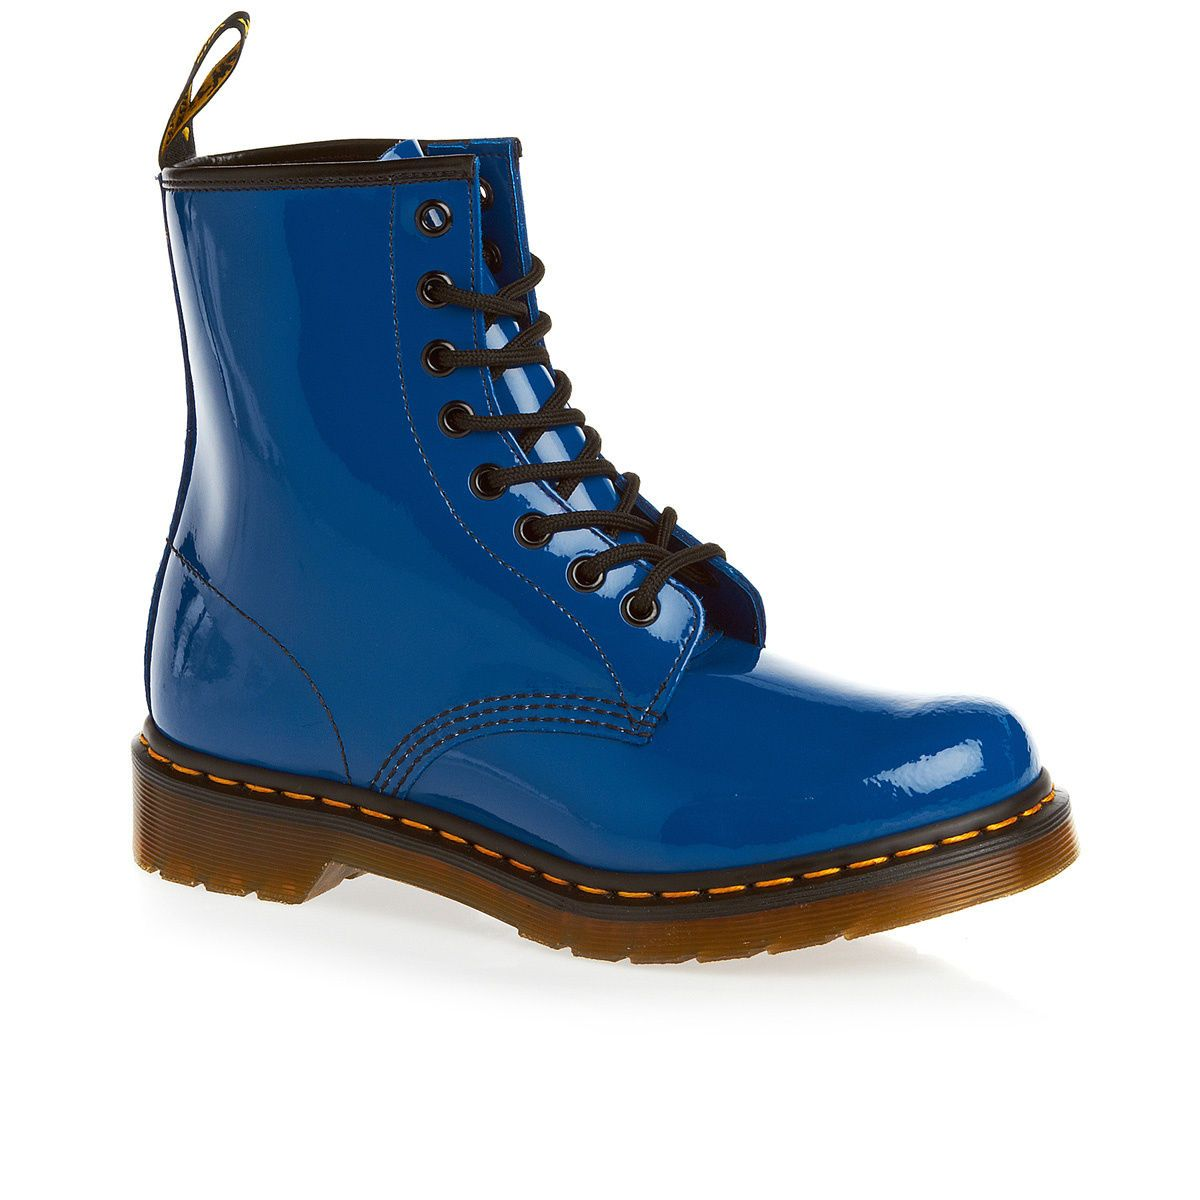 1460 dr martens shoes boots pinterest doc martens. Black Bedroom Furniture Sets. Home Design Ideas